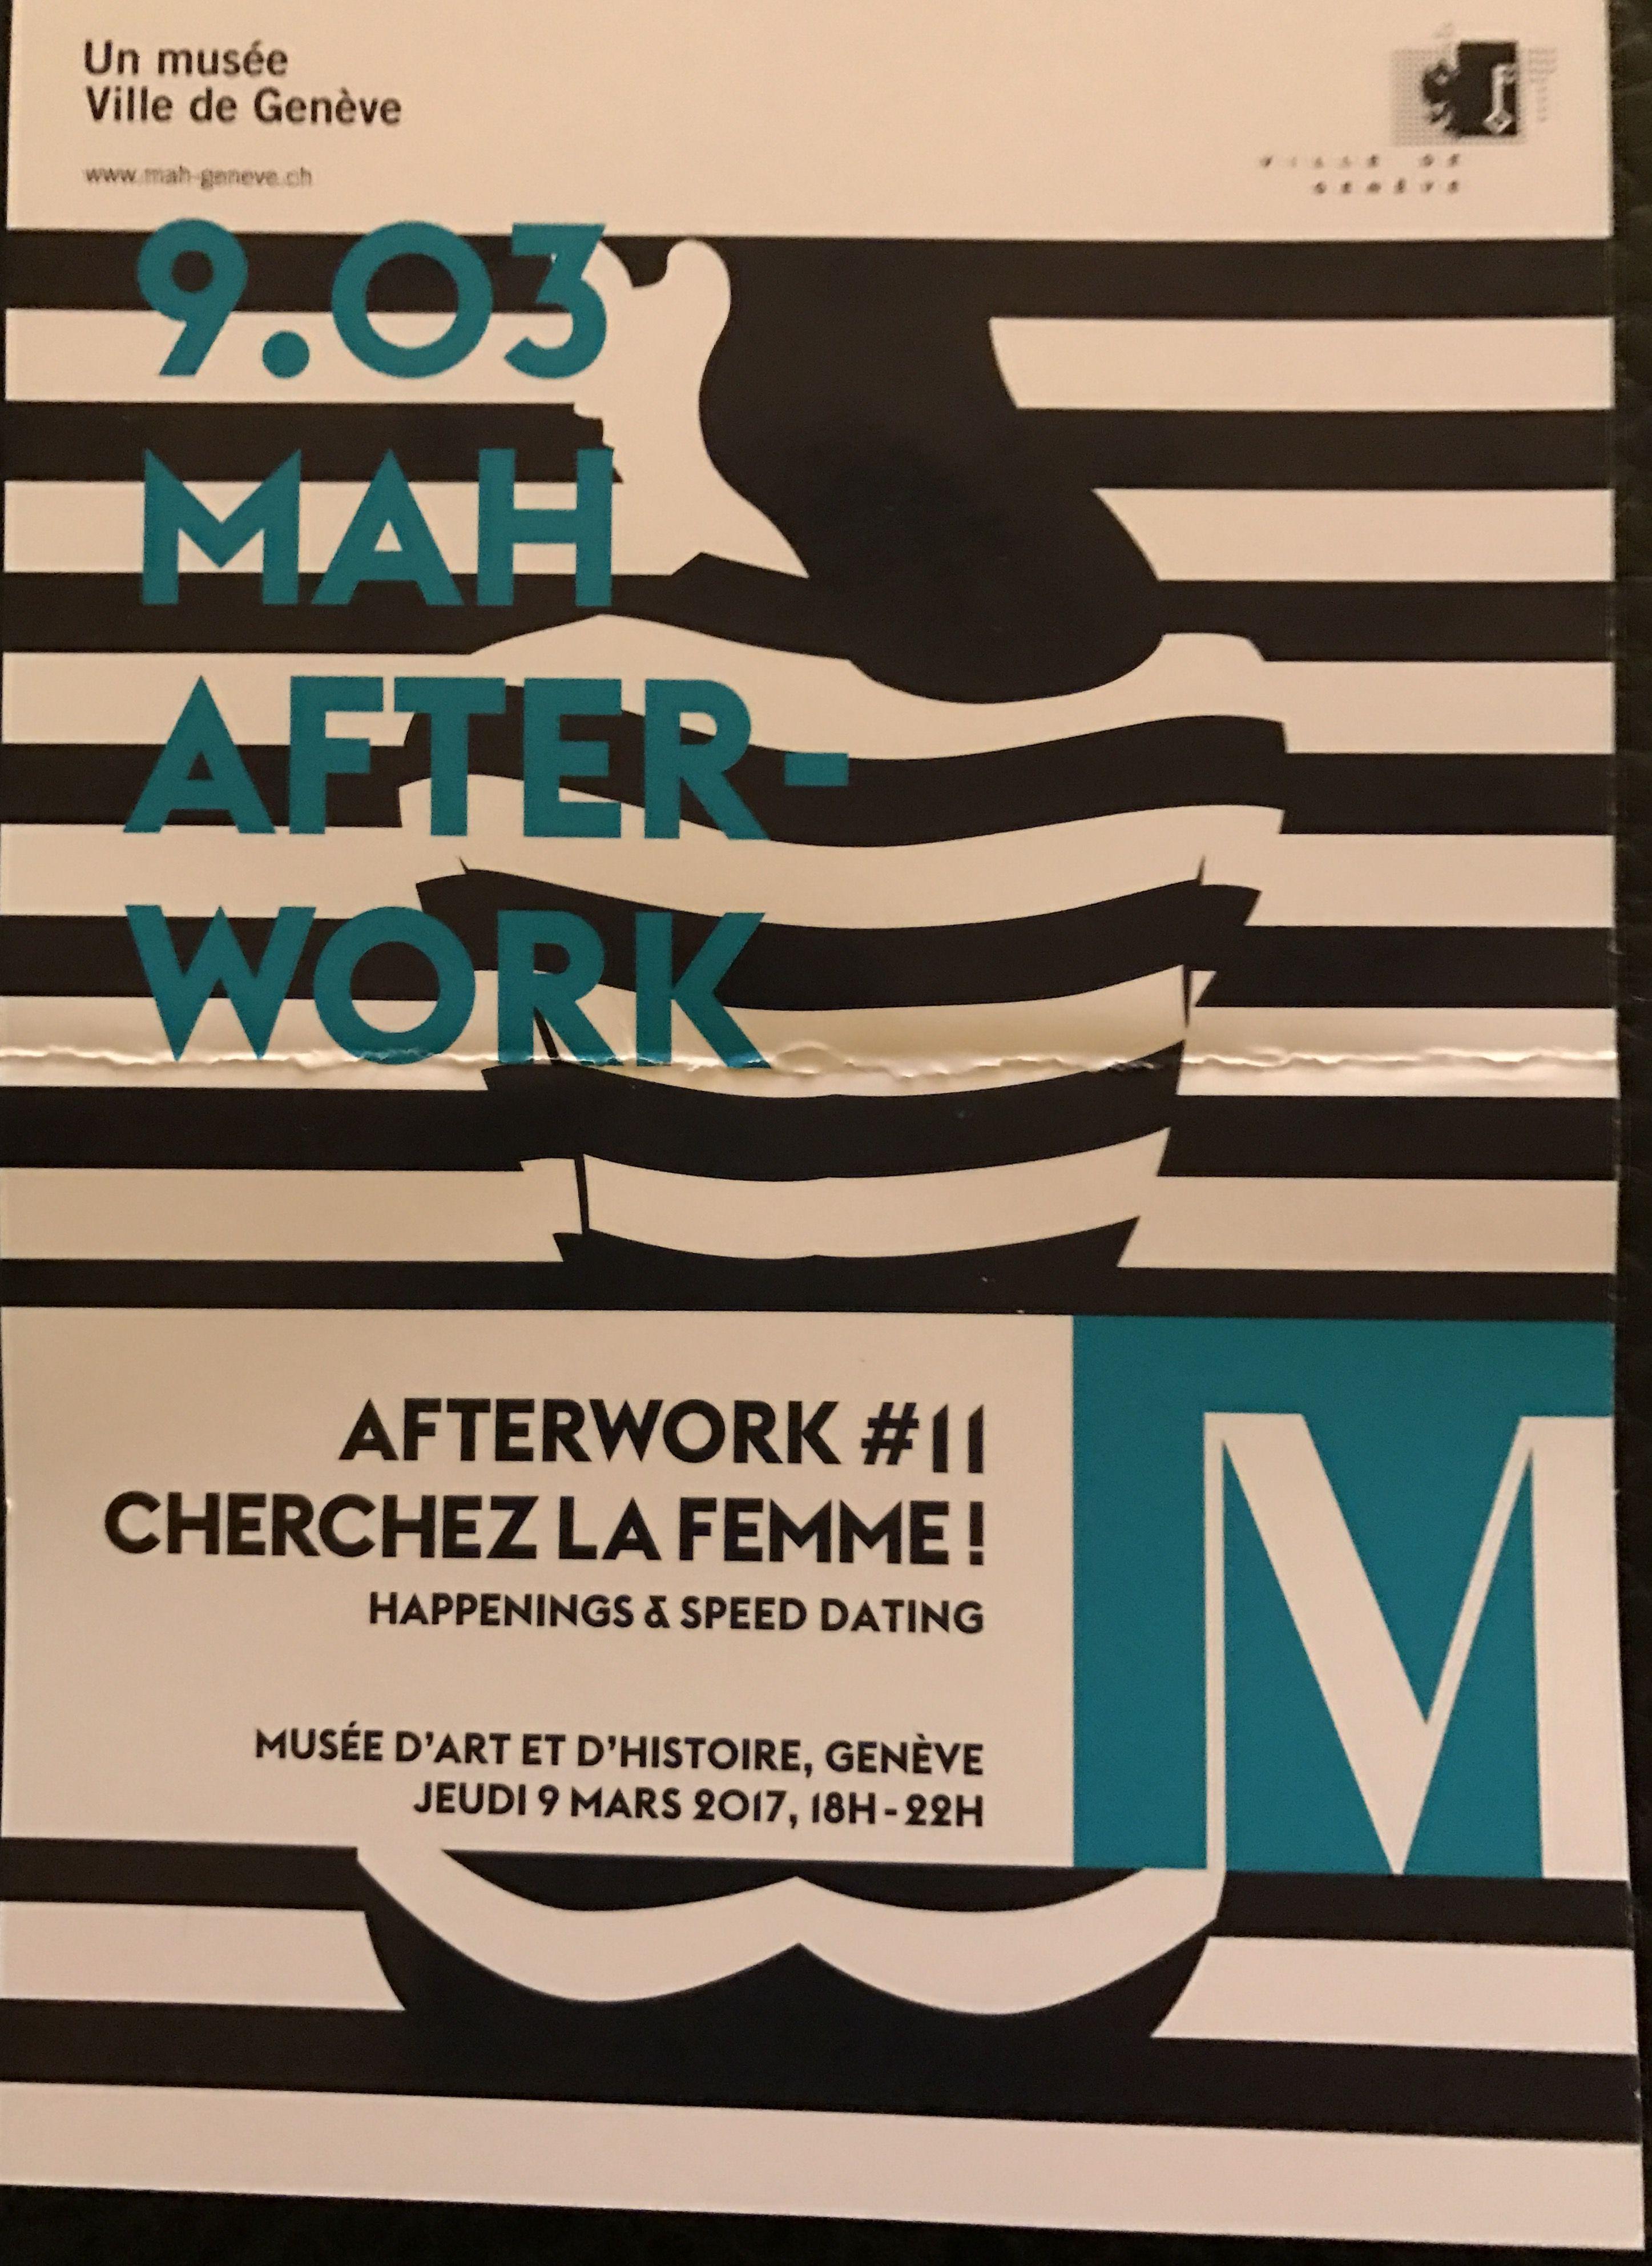 After work Musée d'Art et d'Histoire - jeudi 9 mars 2017